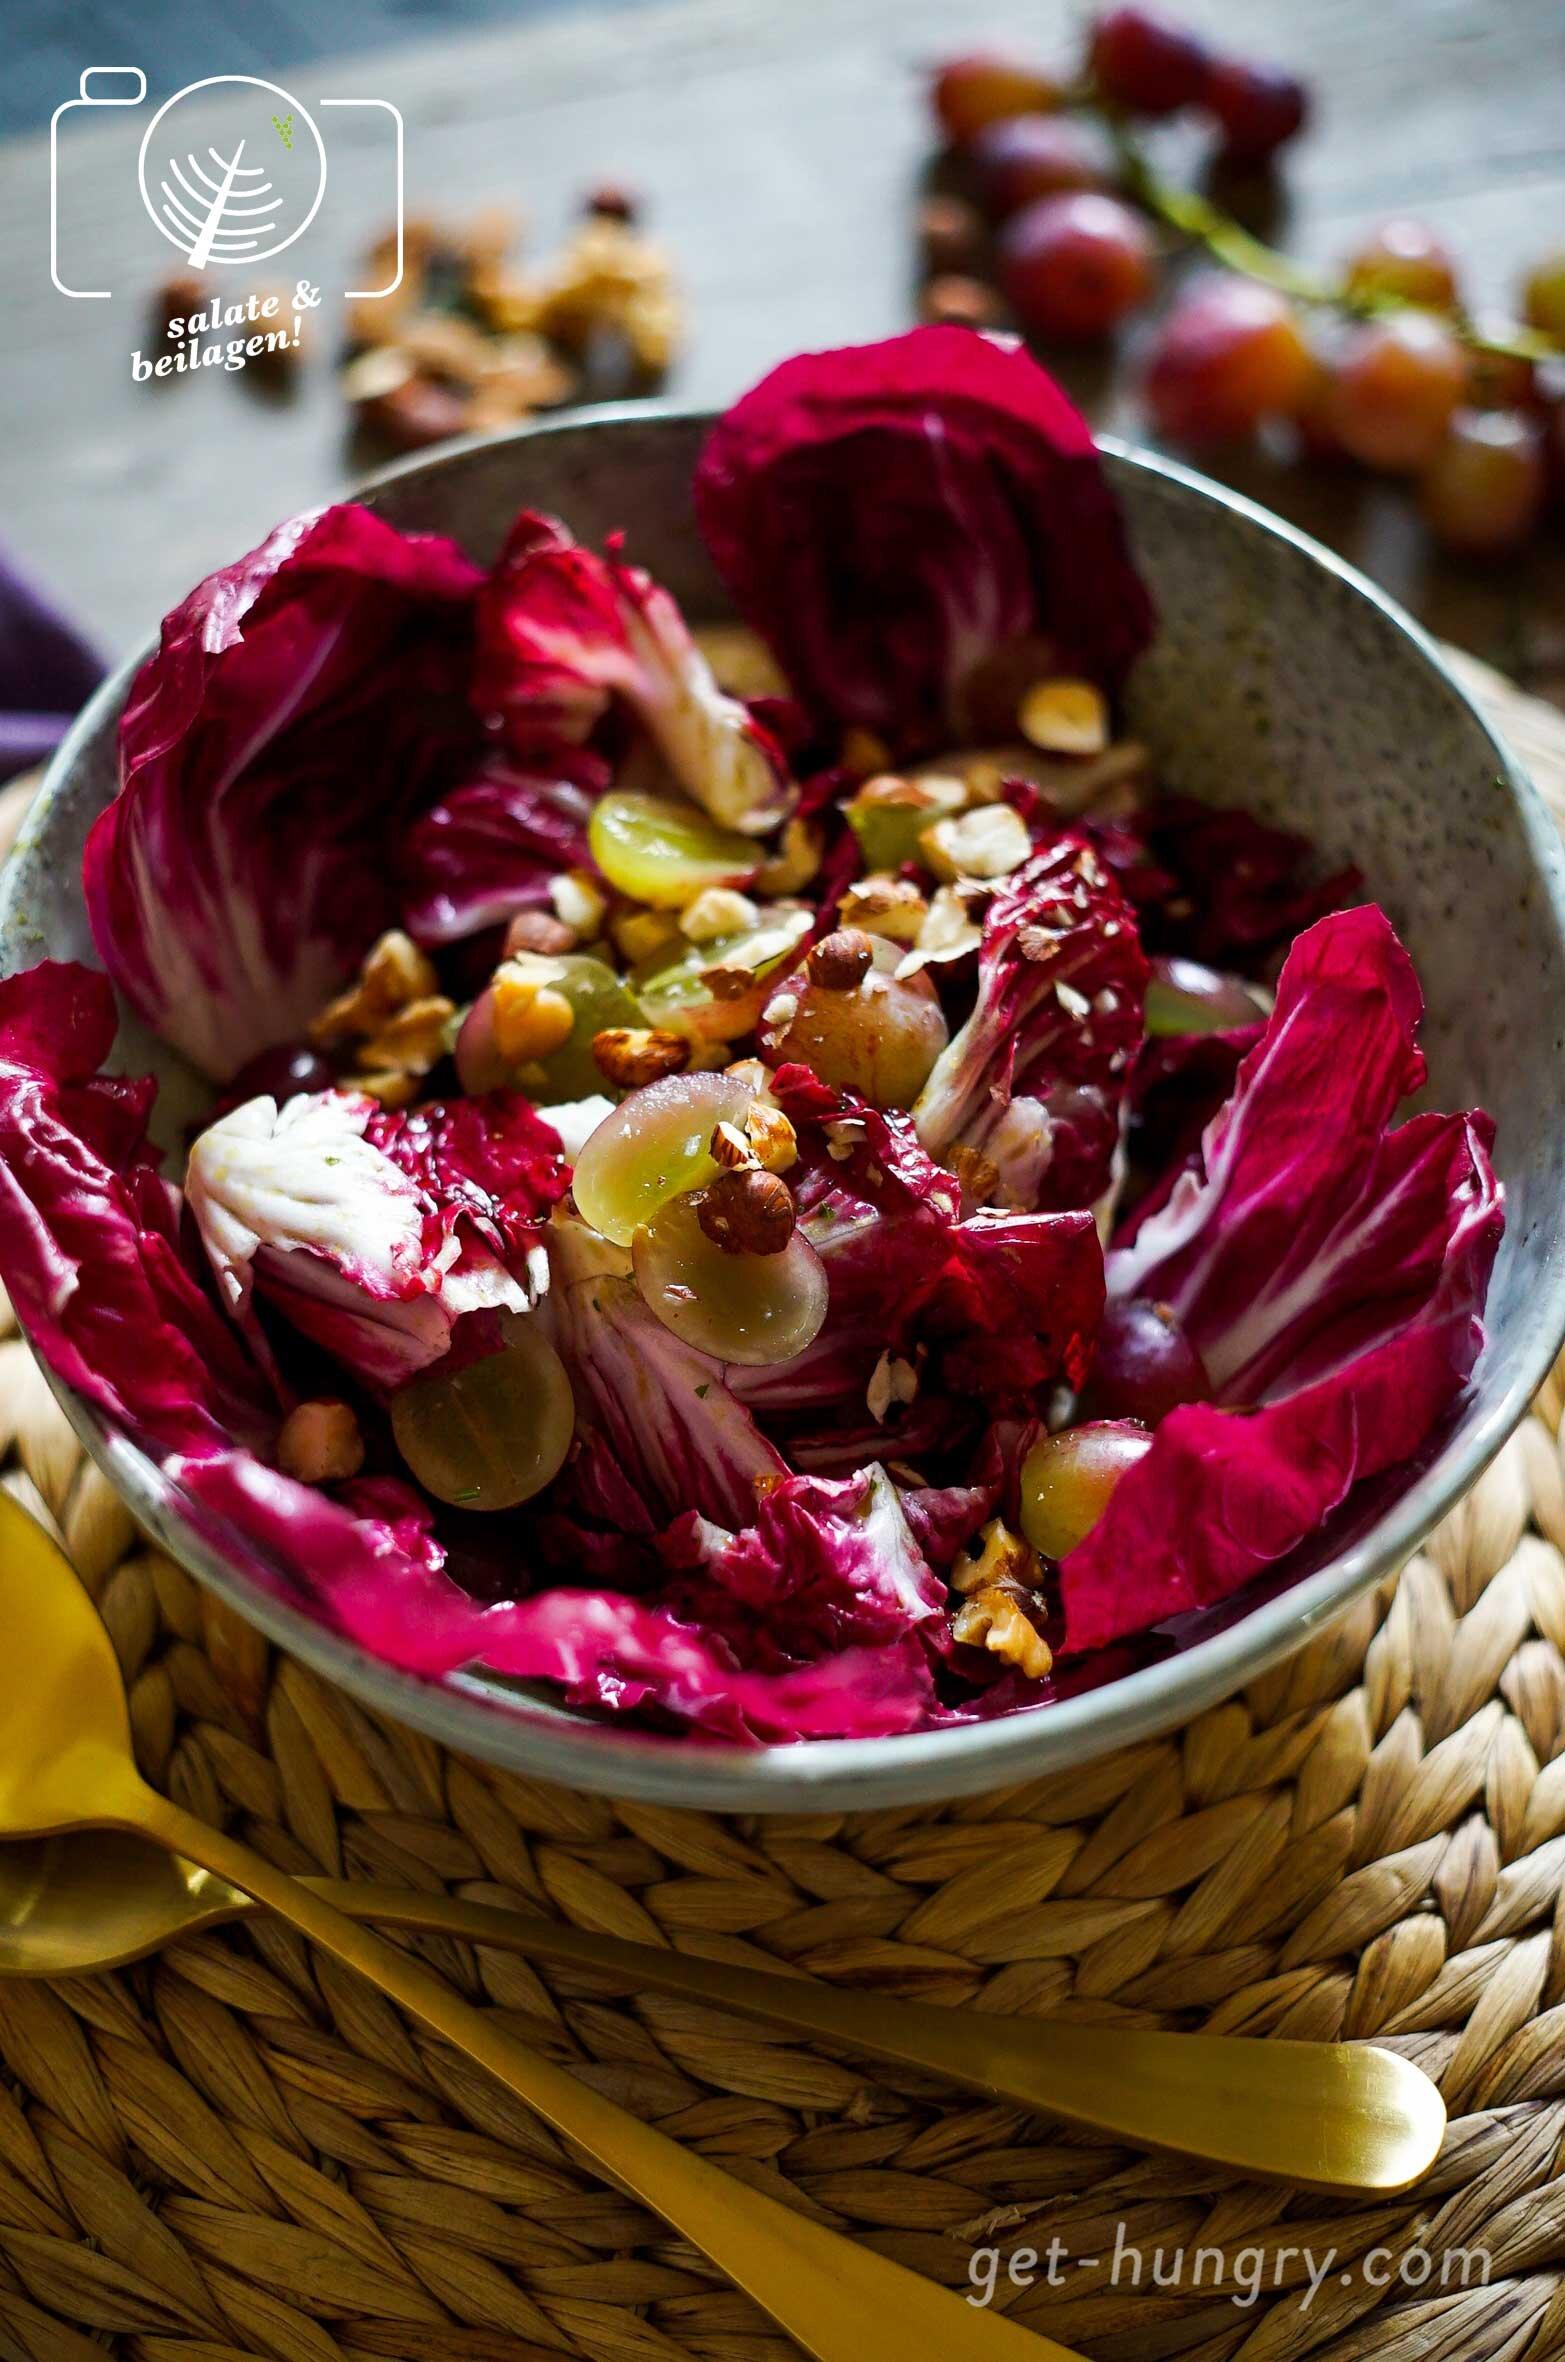 Köstlicher Herbstsalat mit Radiccio, Trauben und Nussmix